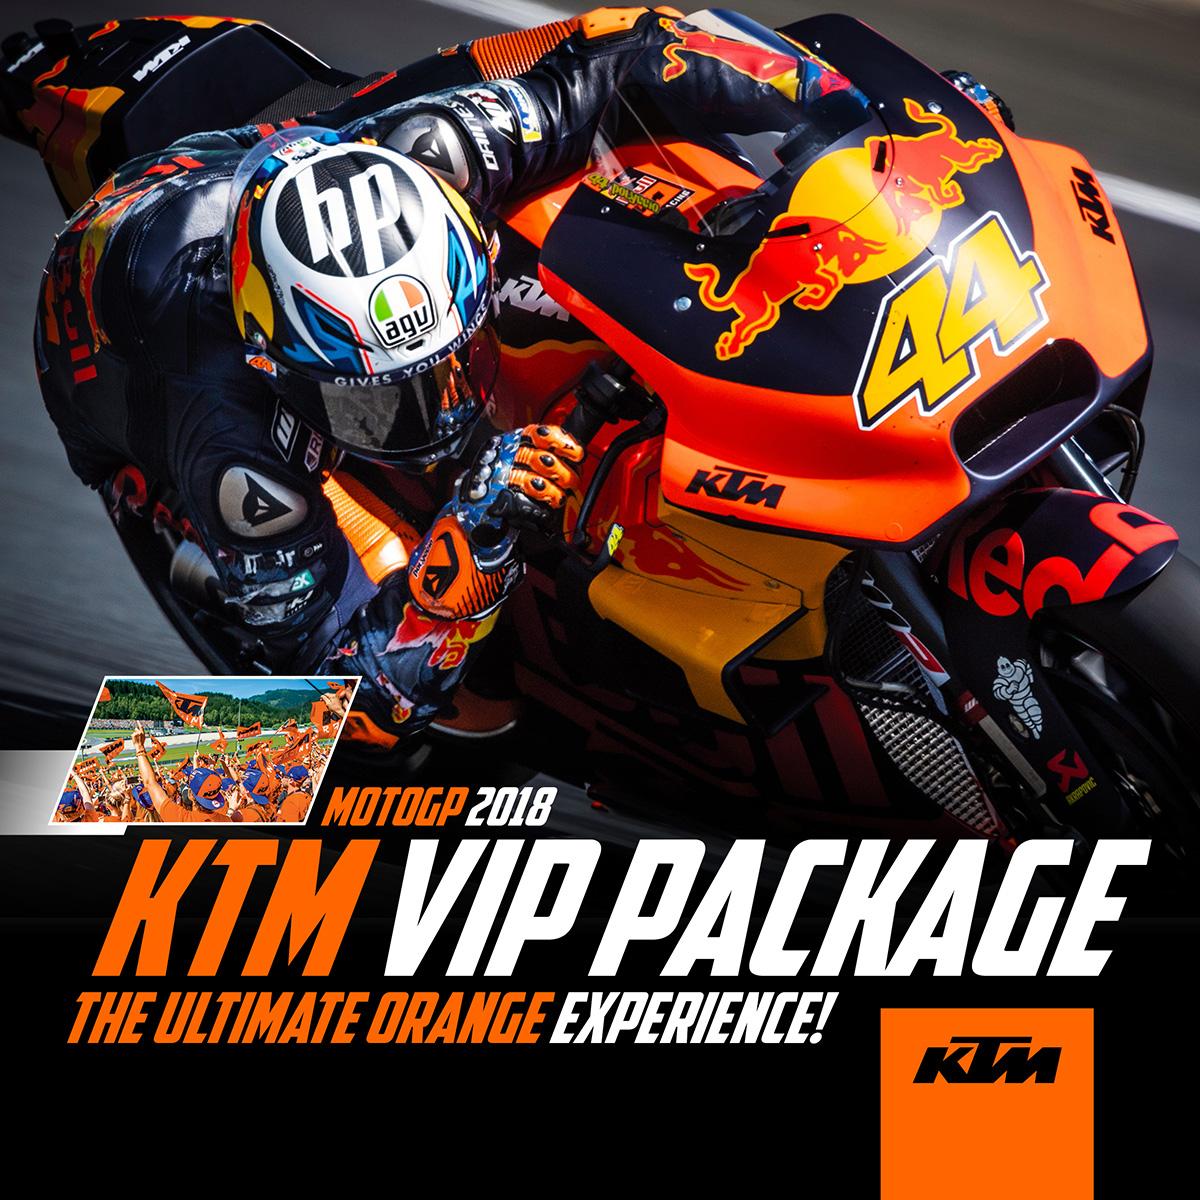 Motogp 2018: KTM VIP PACKAGE: MotoGP 2018